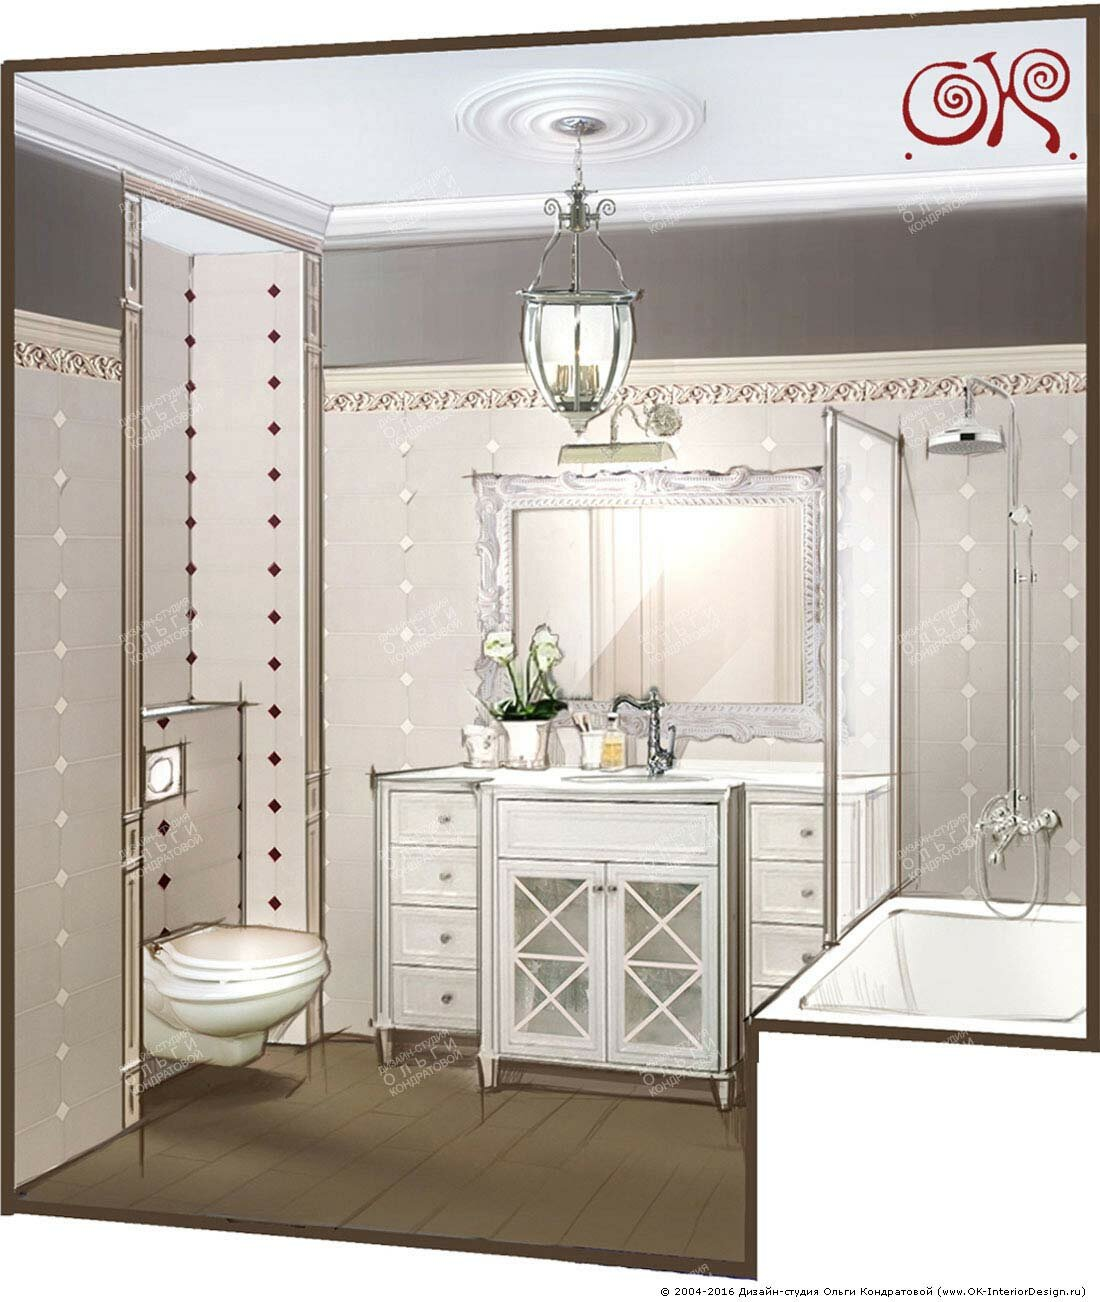 Дизайн белого санузла в стиле прованс